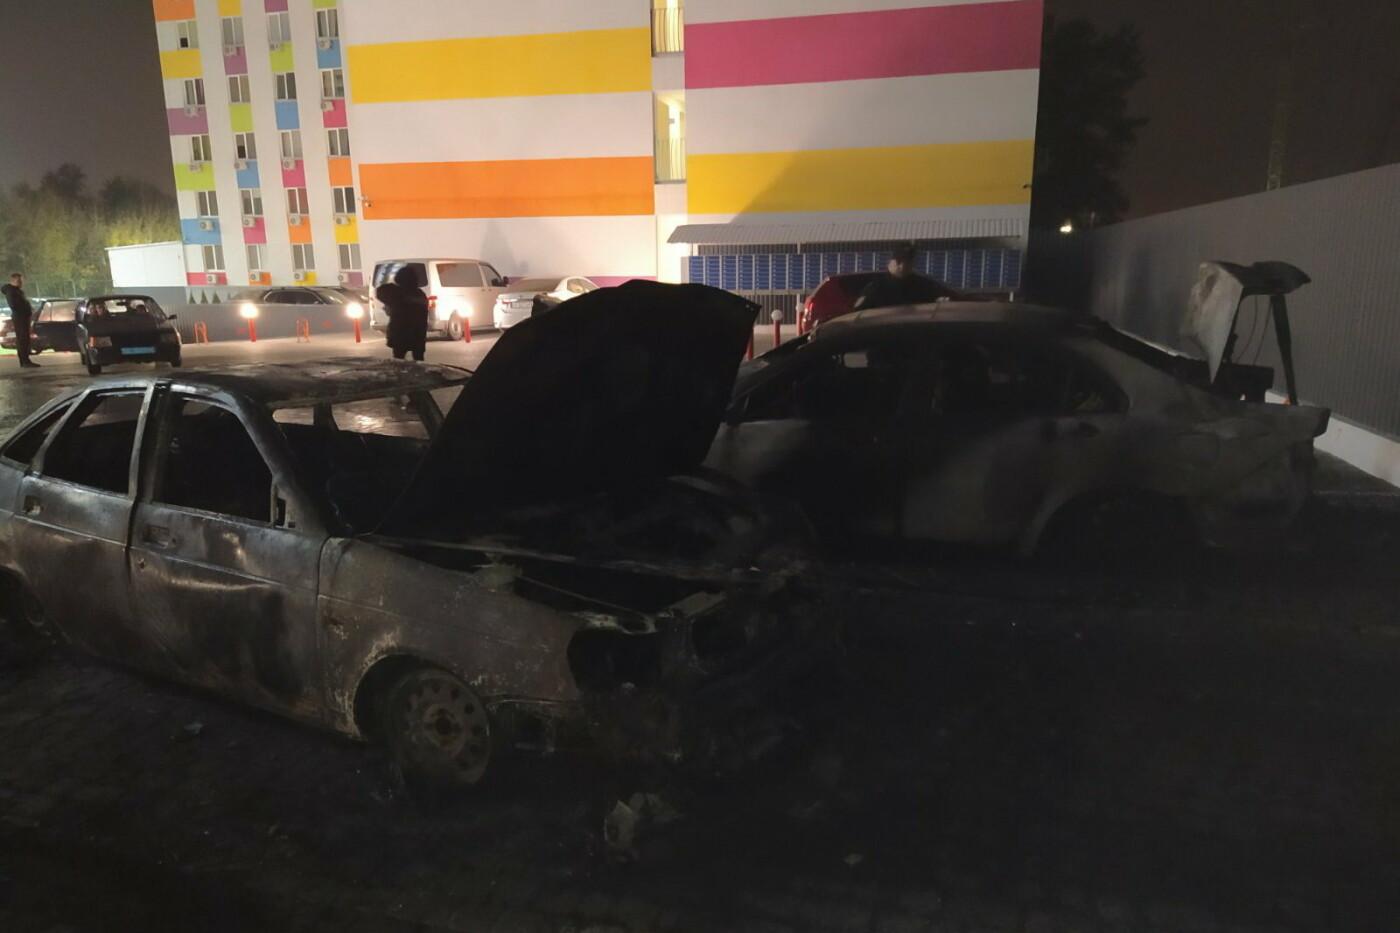 В Харькове во дворе жилого дома подожгли автомобили «ВАЗ» и «Honda», - ФОТО, ВИДЕО, фото-2